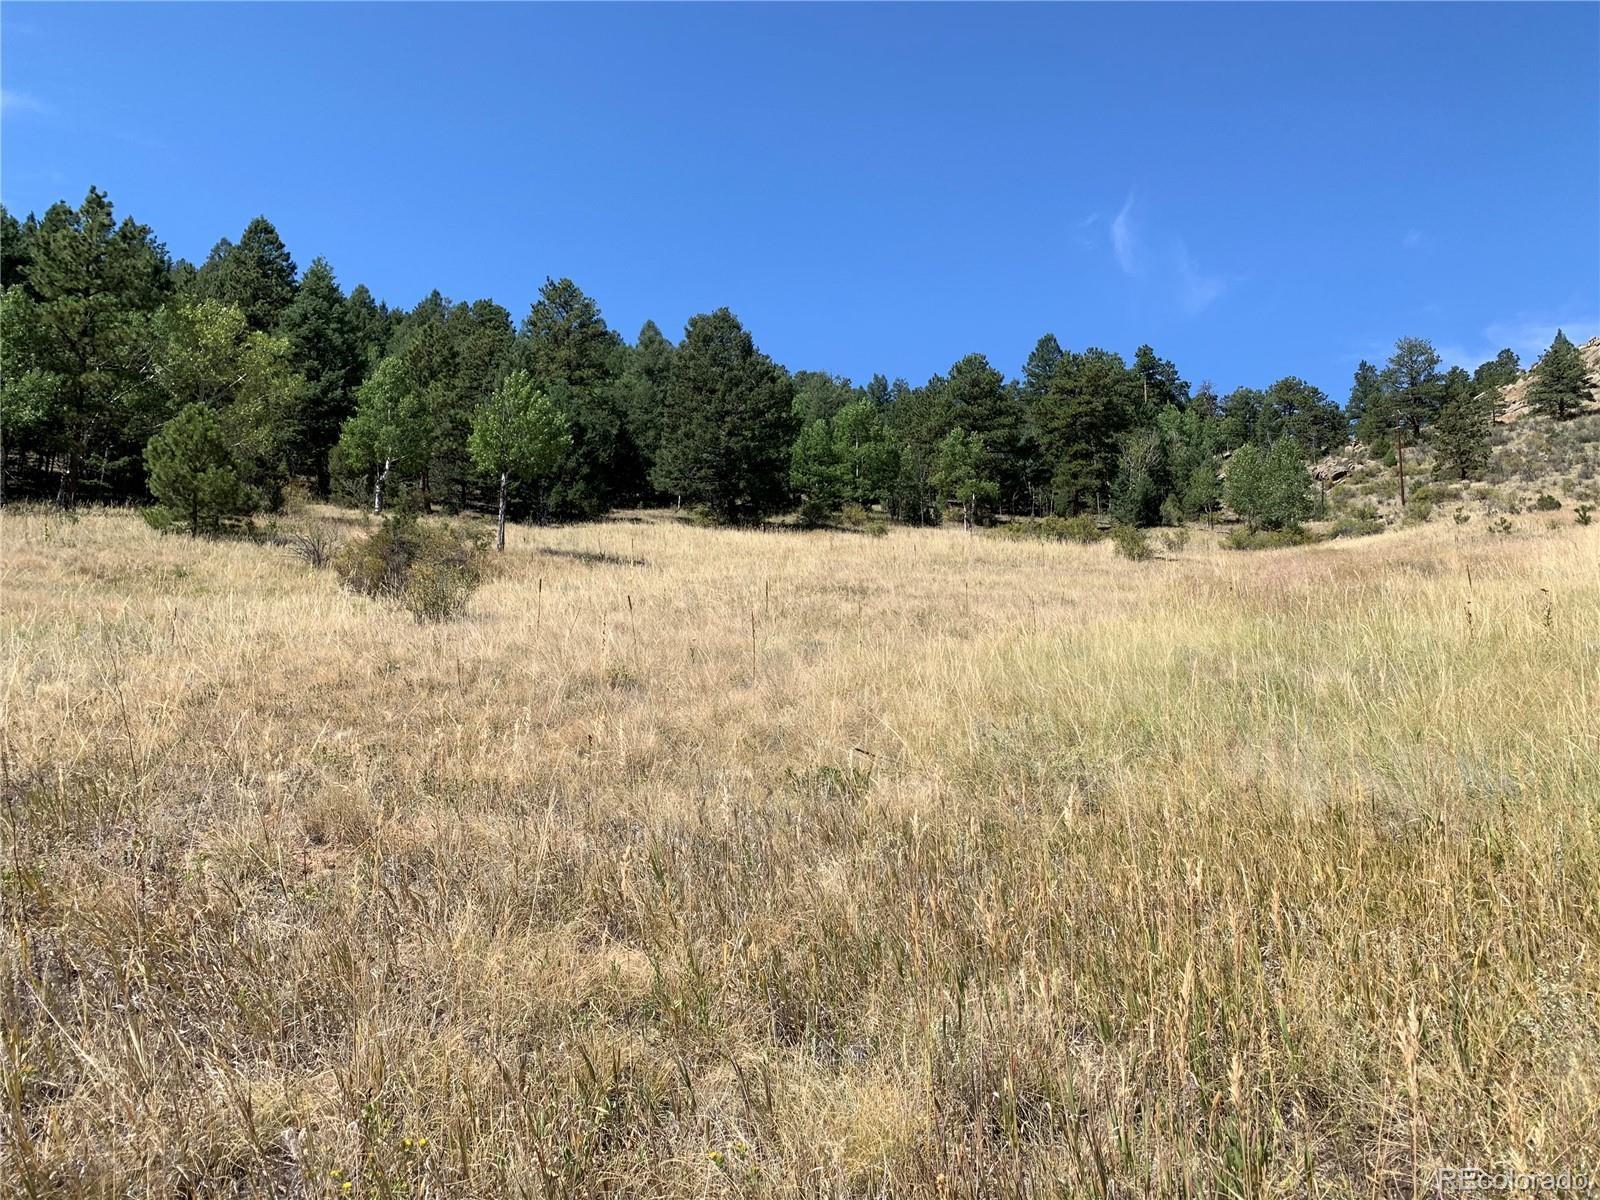 MLS# 9262084 - 8 - 14714 Wetterhorn Peak Trail, Pine, CO 80470